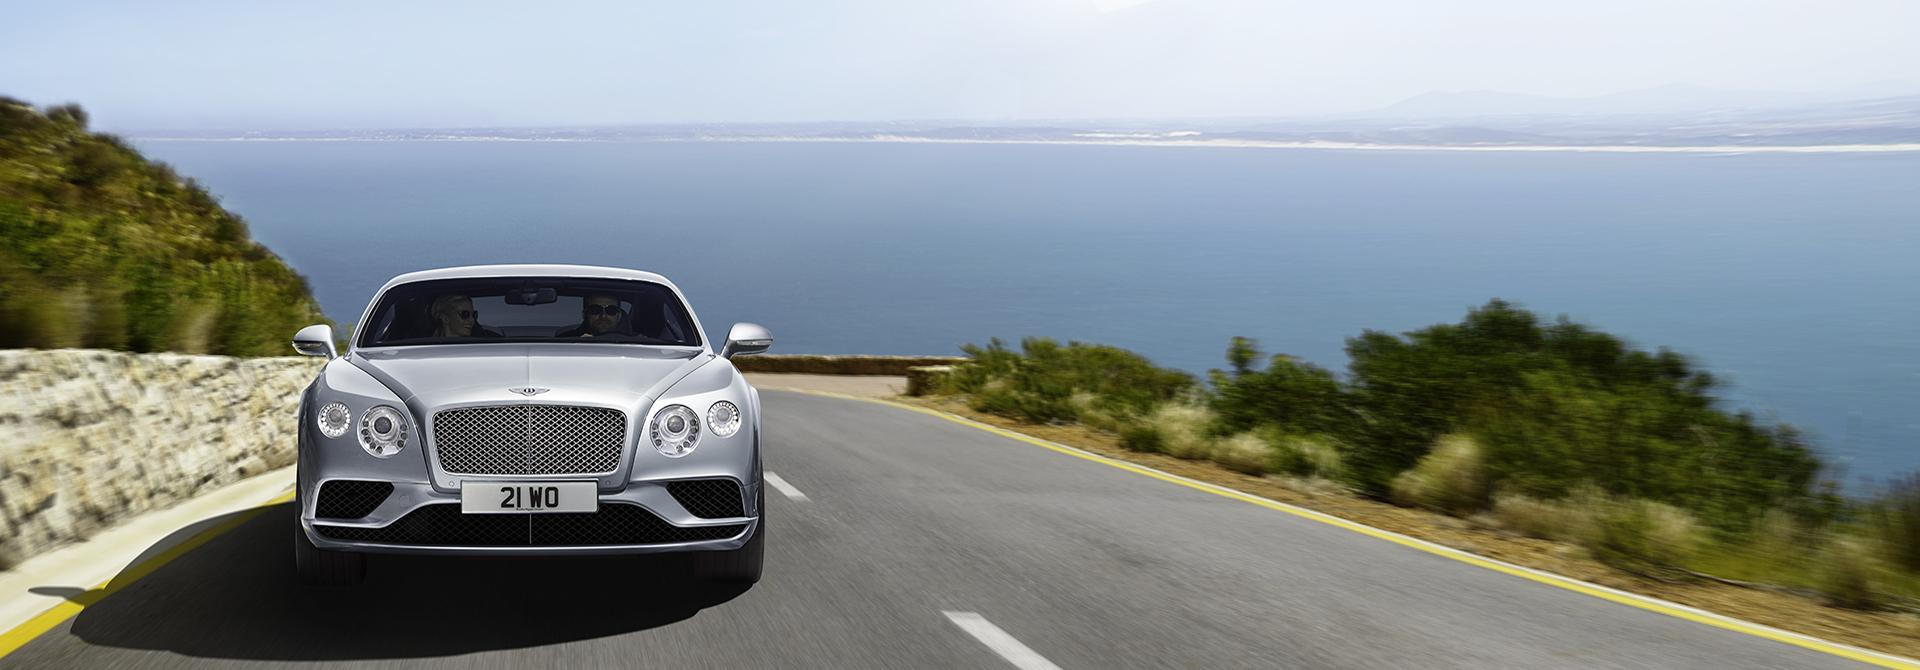 Continental Gt Range Bentley Motors Russia Audio Wiring